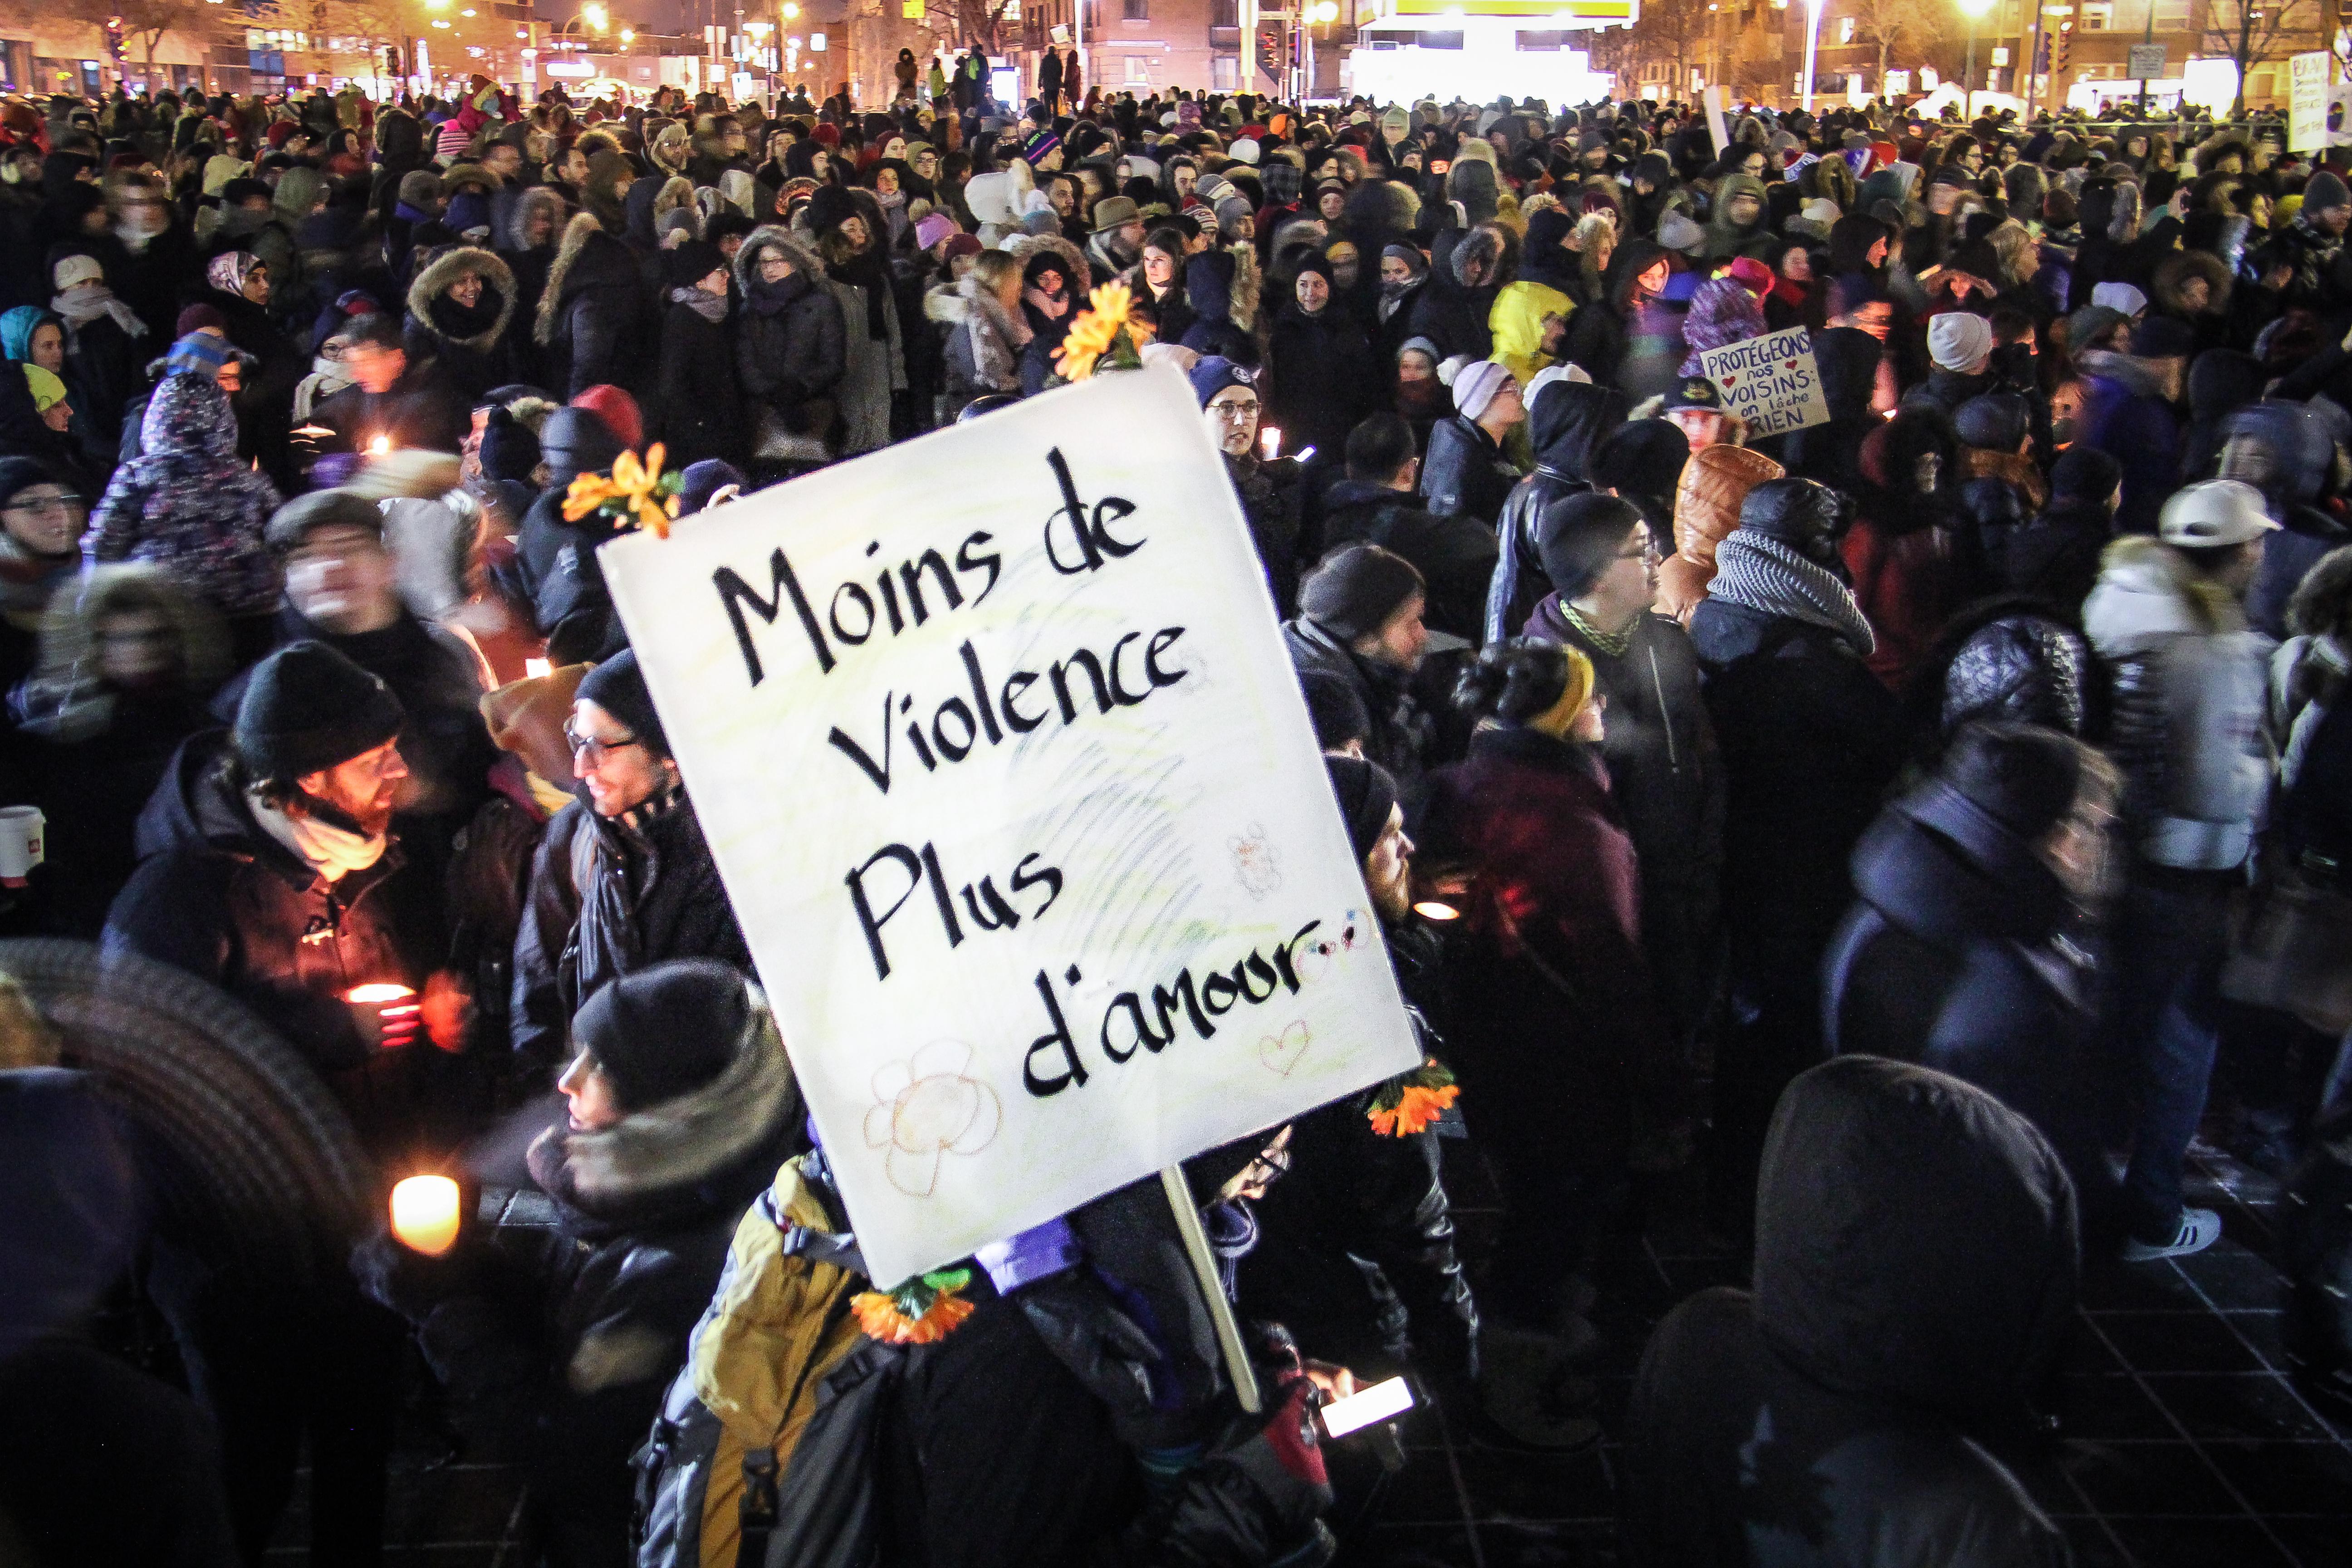 La vigie citoyenne de Montréal, des prières et de la colère